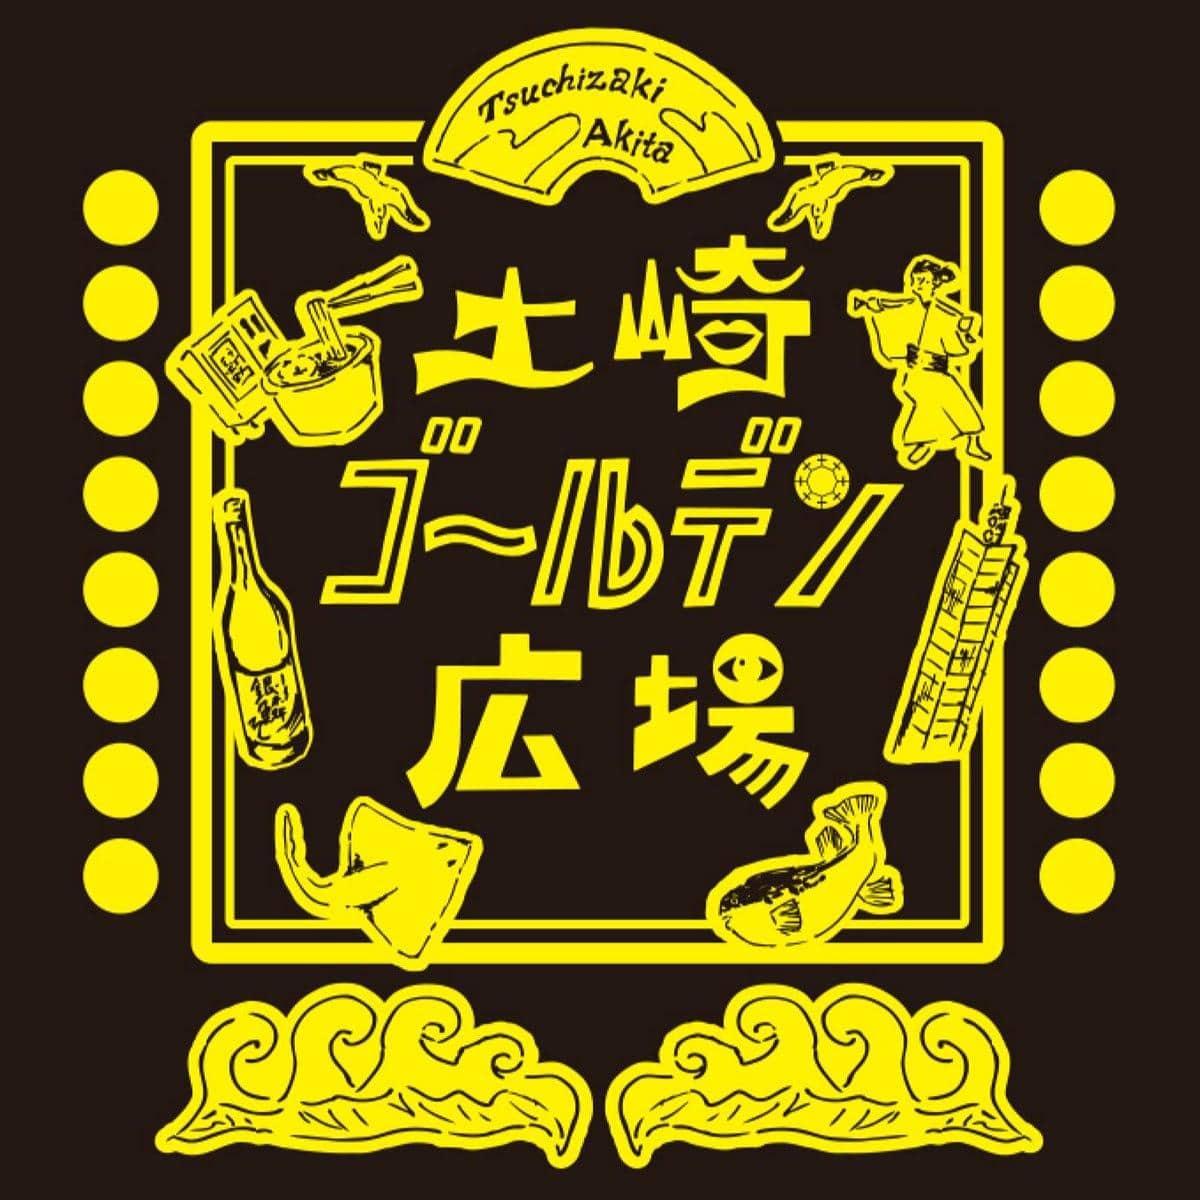 「土崎ゴールデン広場」で販売予定のTシャツデザイン